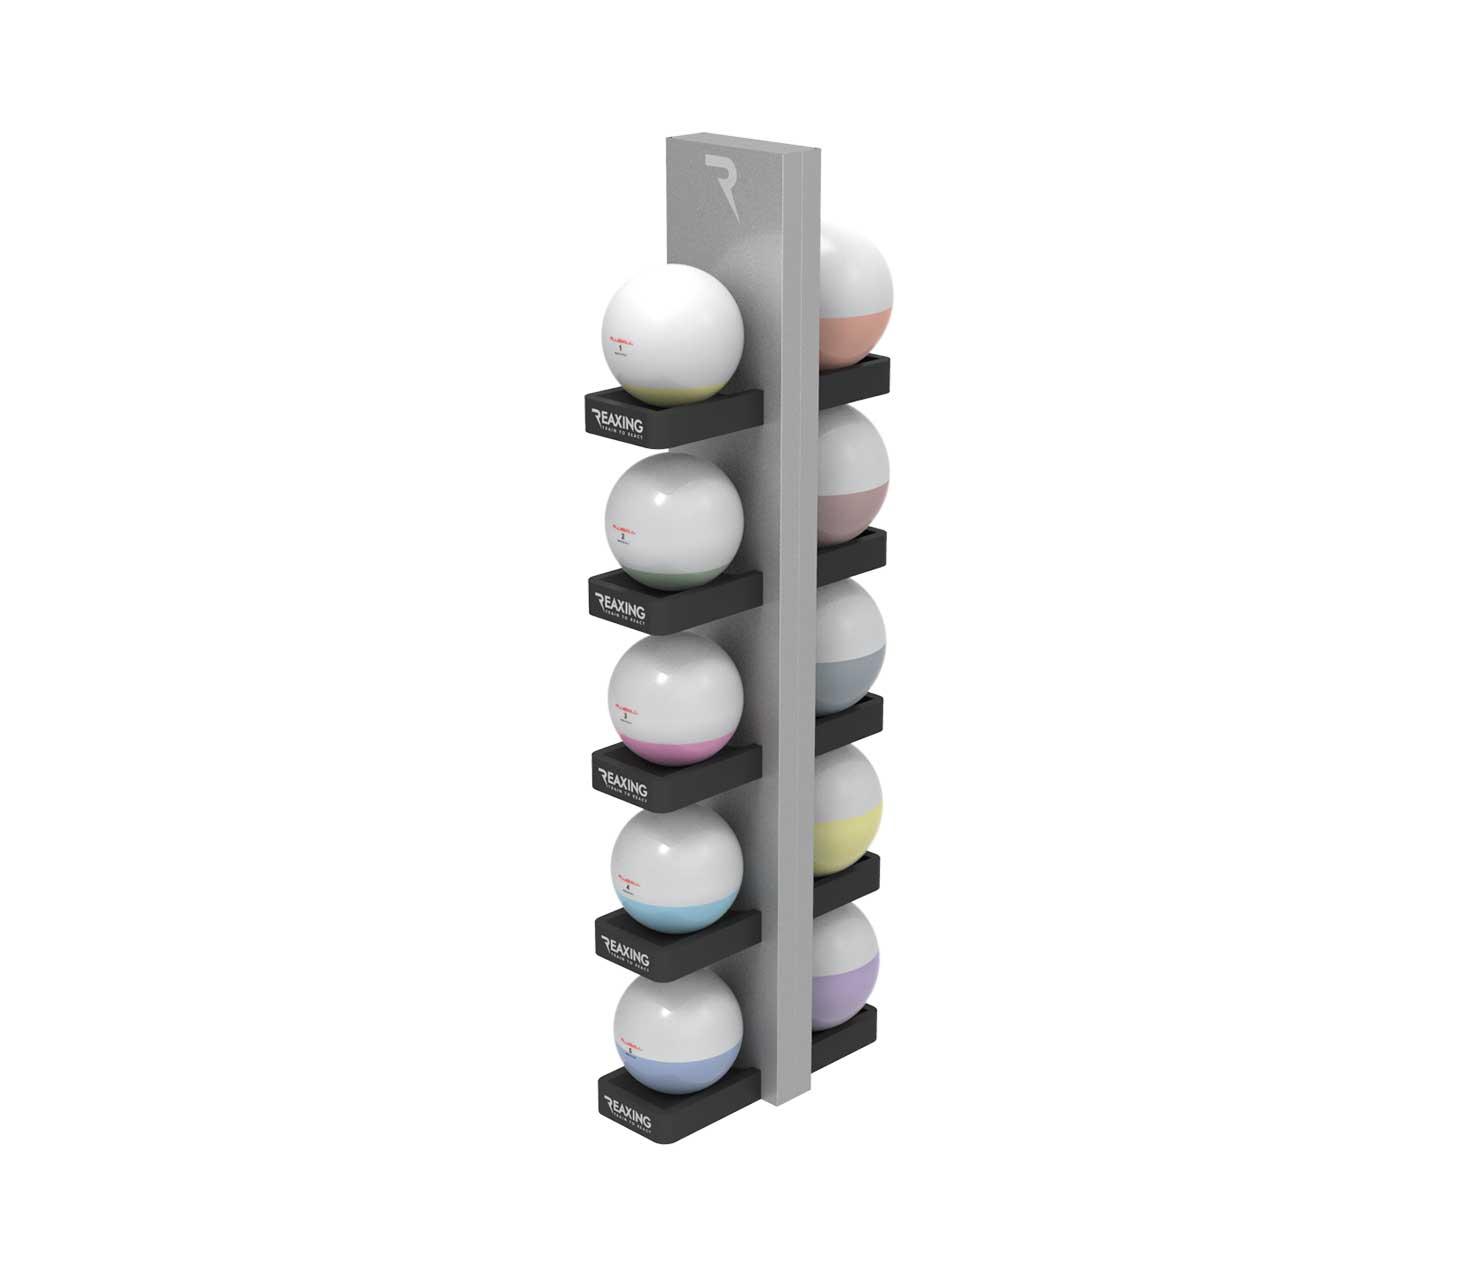 rx1380-reax-weights-vertical-storage